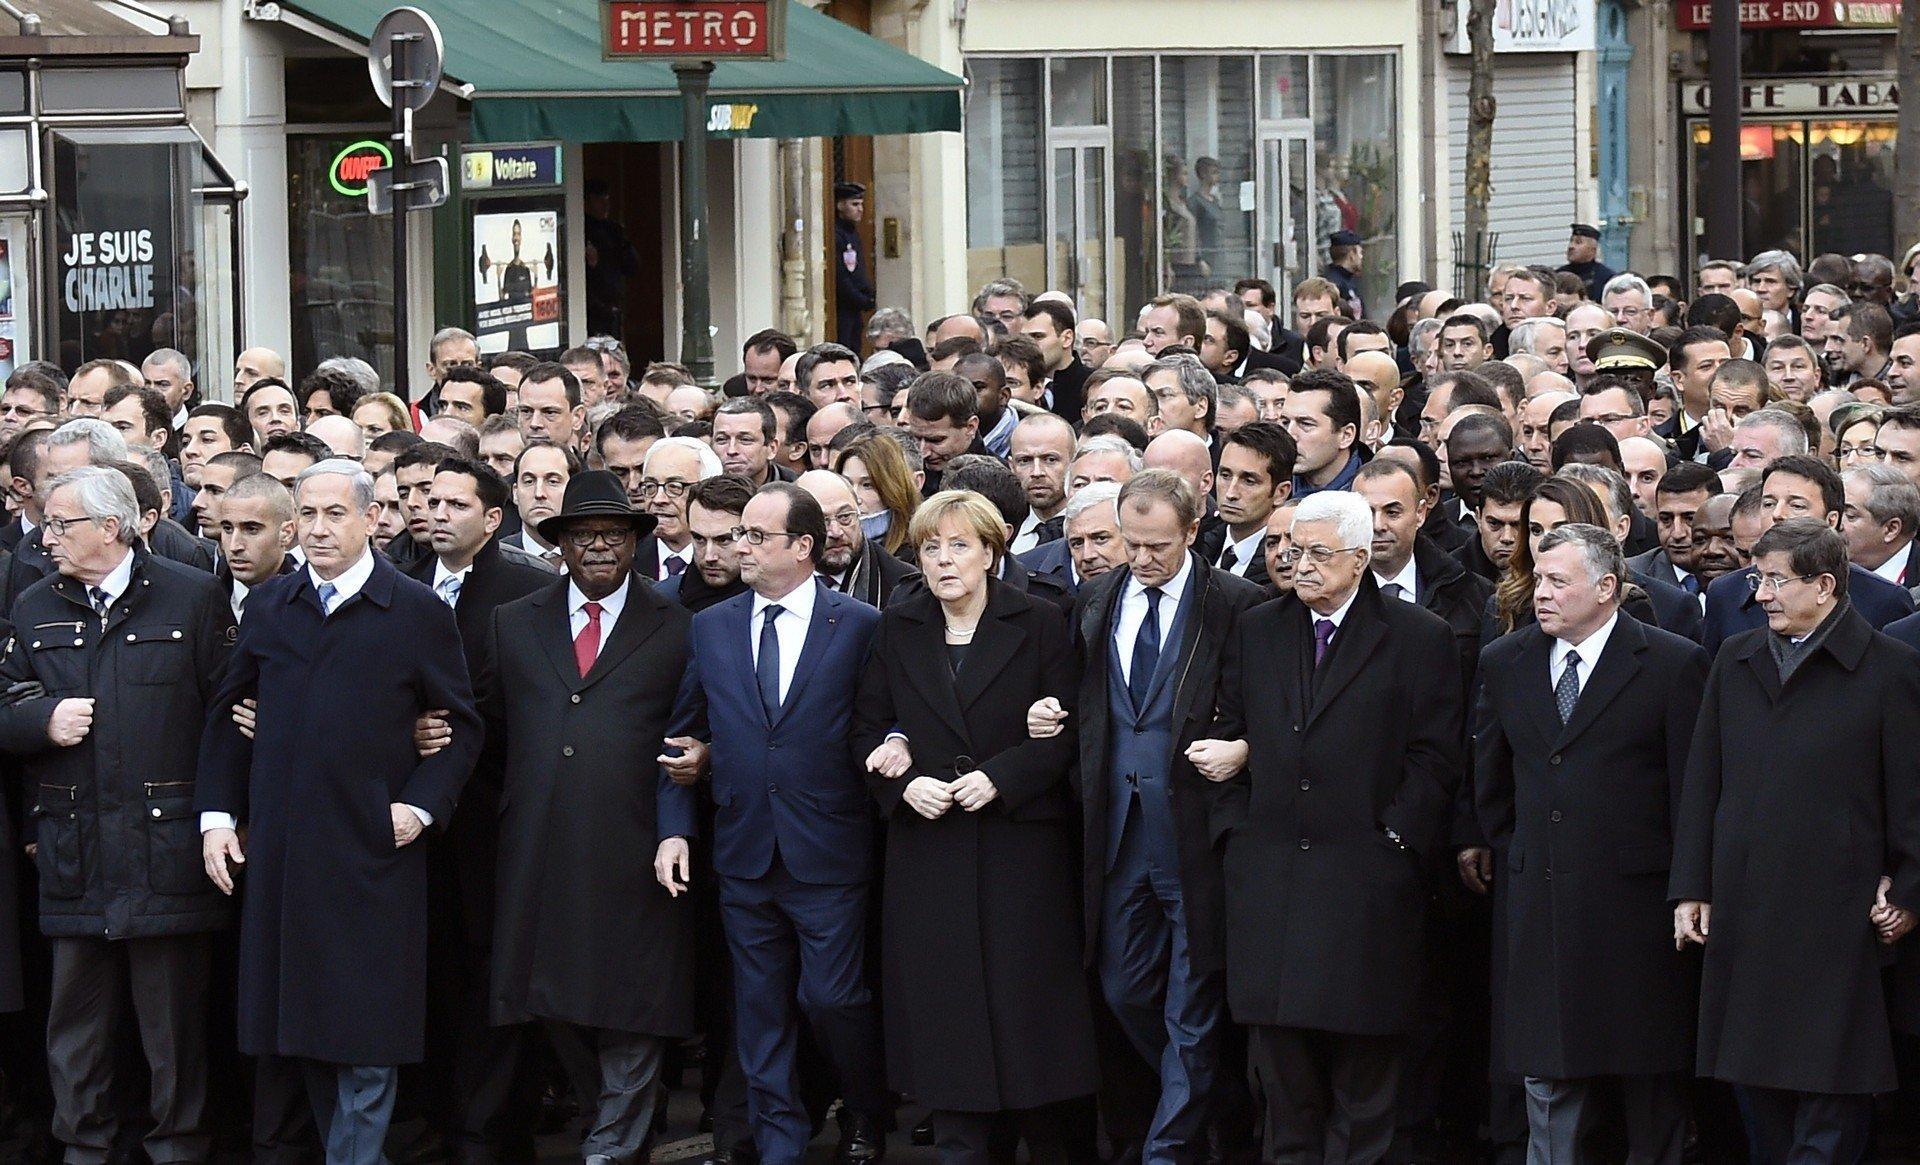 dünya liderleri fransada